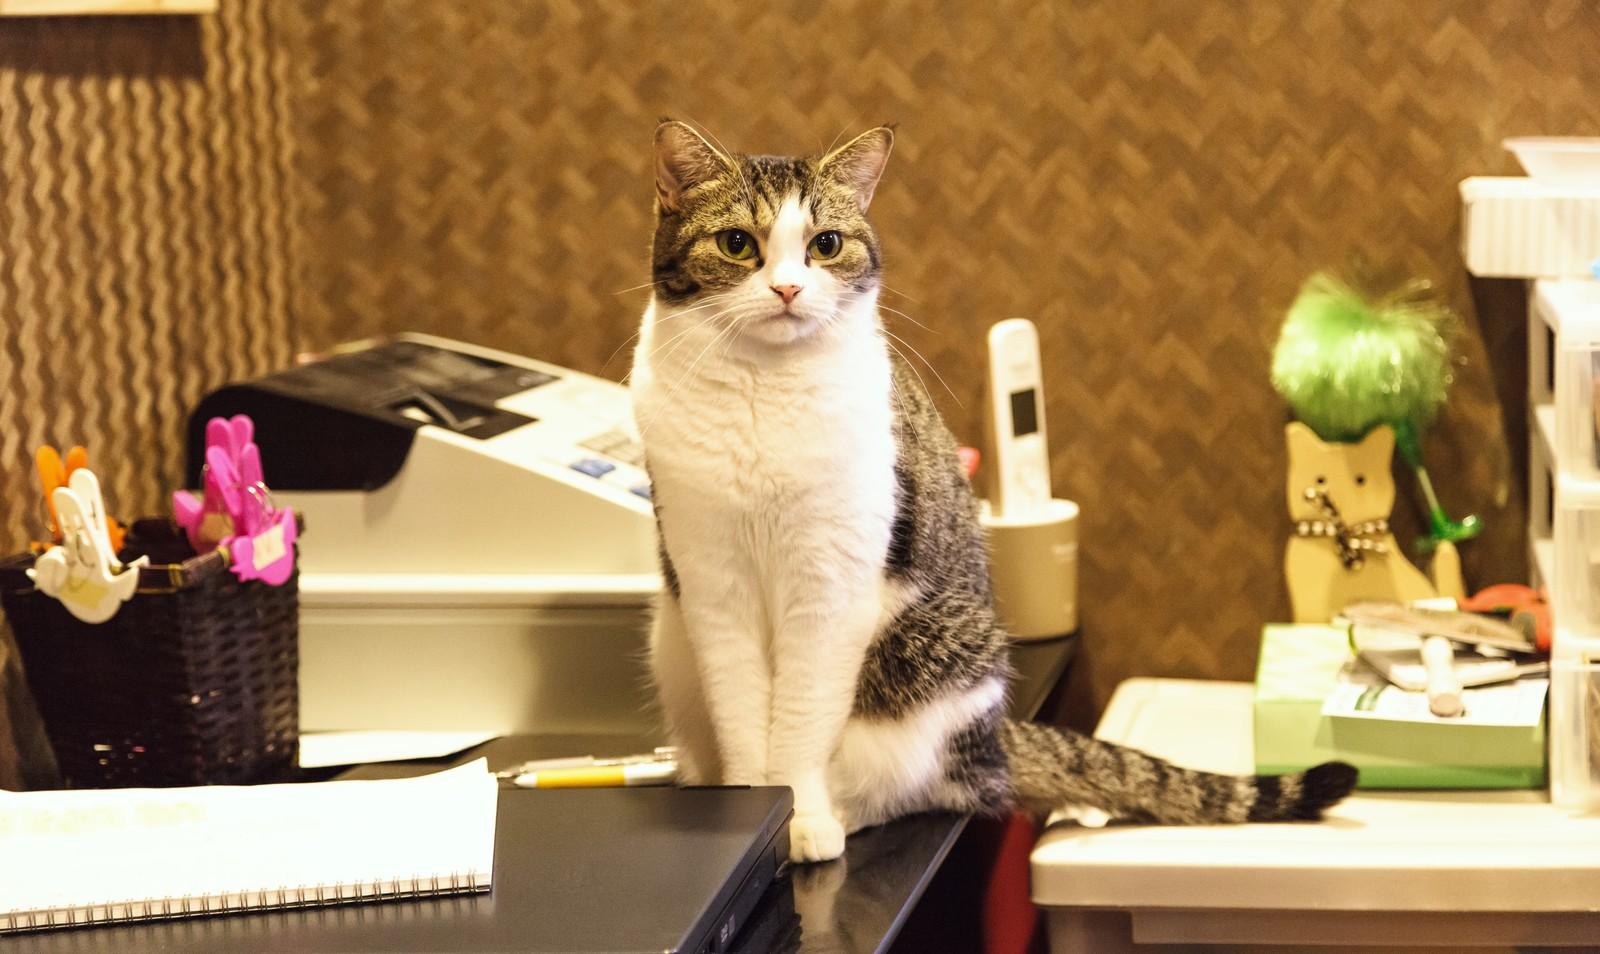 猫カフェって意味ある?って言われた時の、目からウロコが落ちた気持ち。